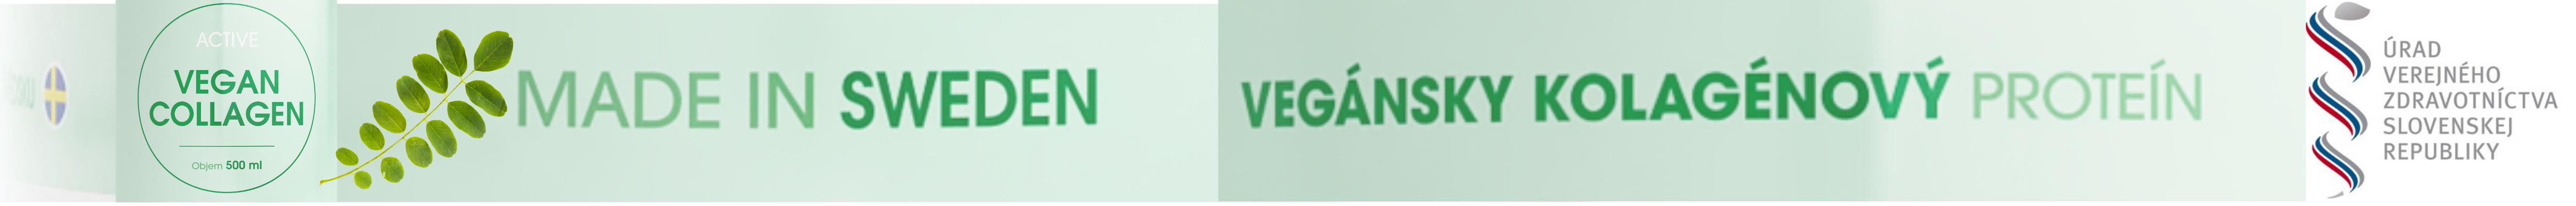 lista vegan collagen